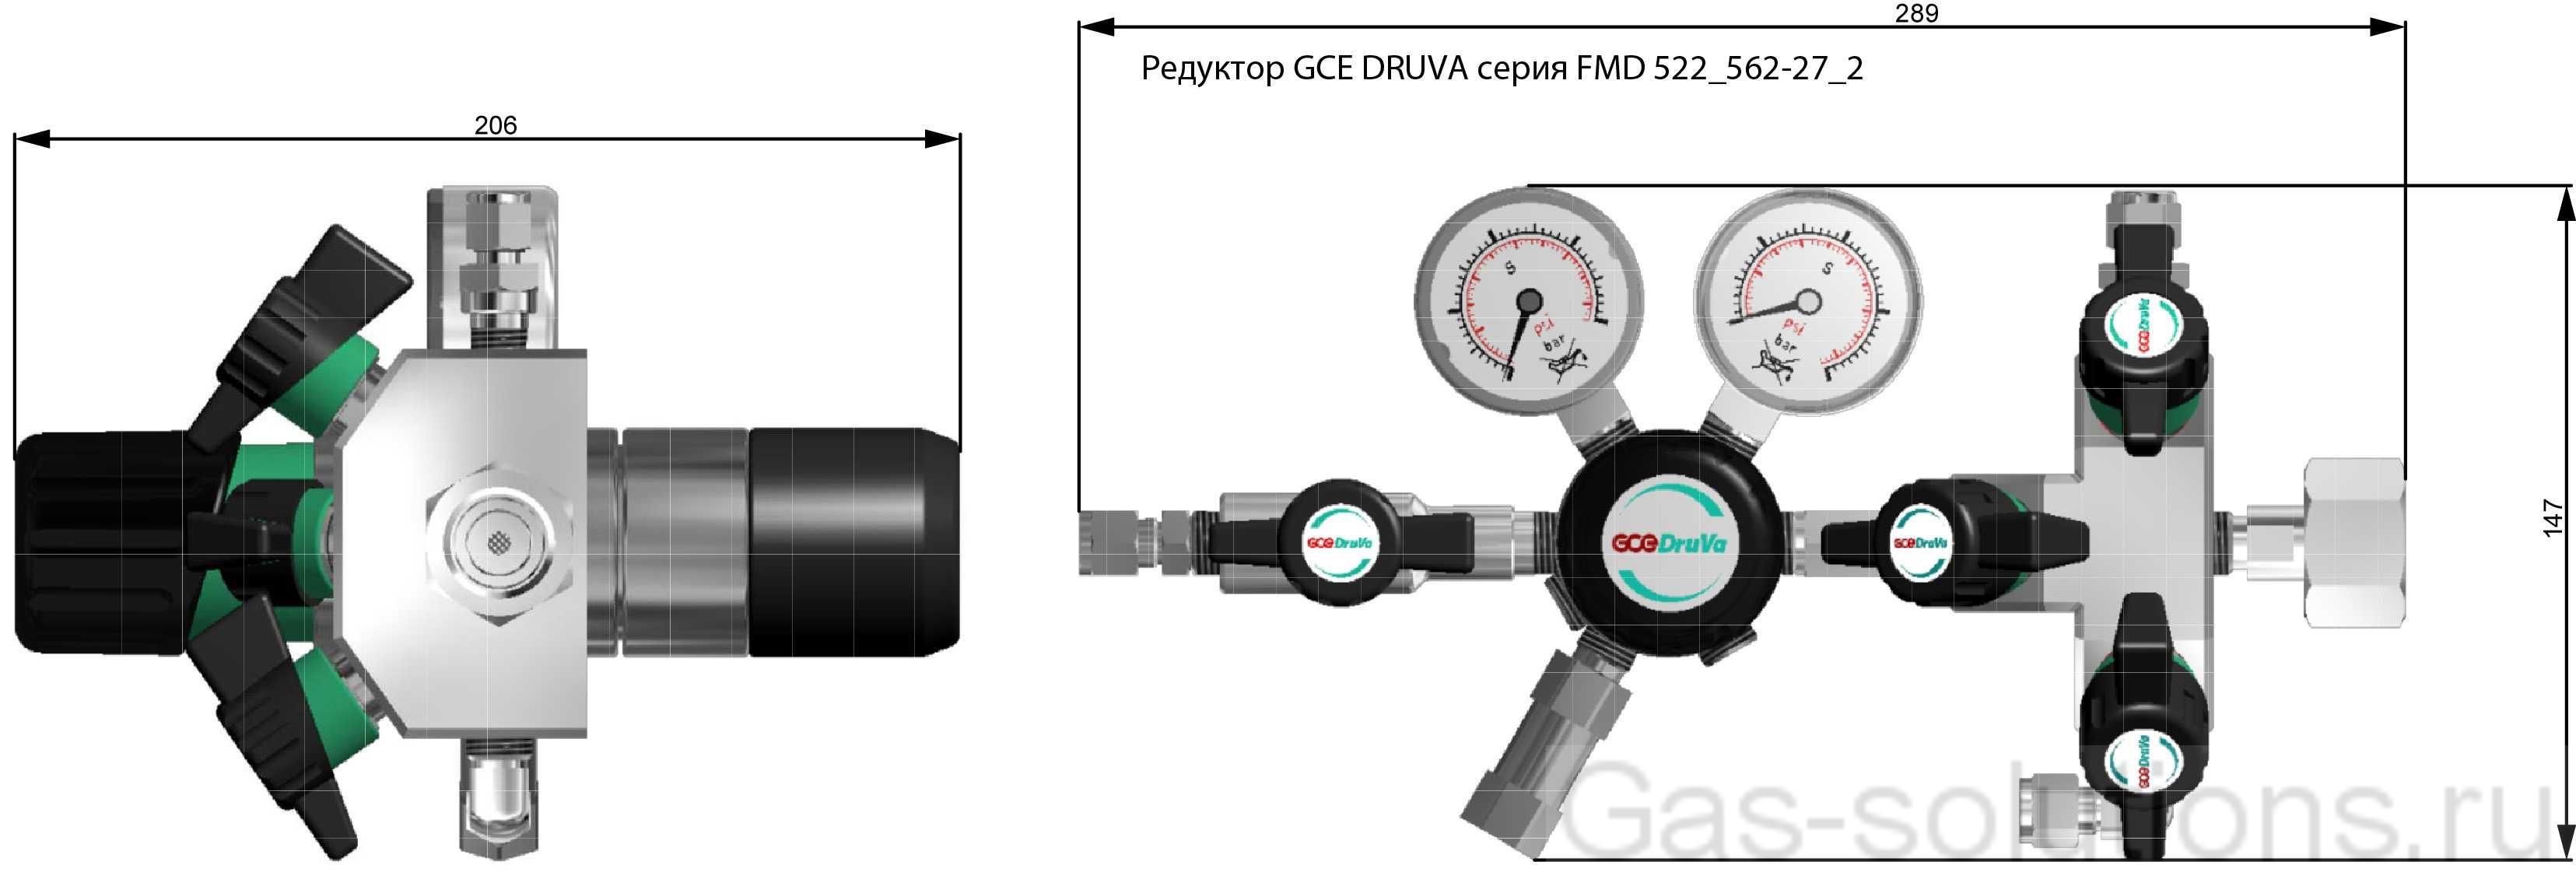 Редуктор GCE DRUVA серия FMD 522_562-27_2